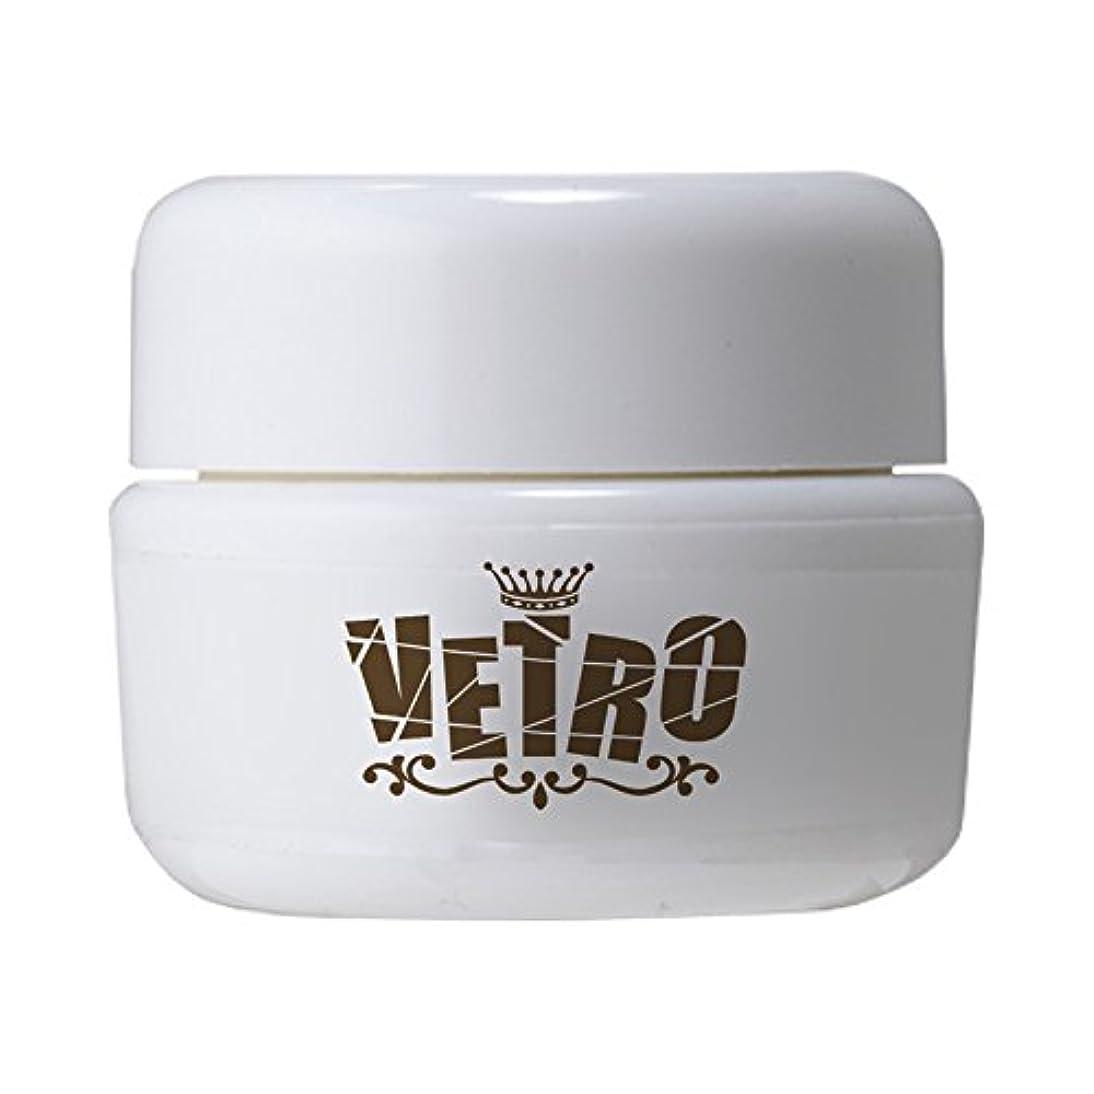 とらえどころのない飾り羽捕虜ベトロ VETRO カラージェル VL283 4ml テクスチャー:ソフト シアー UV/LED対応